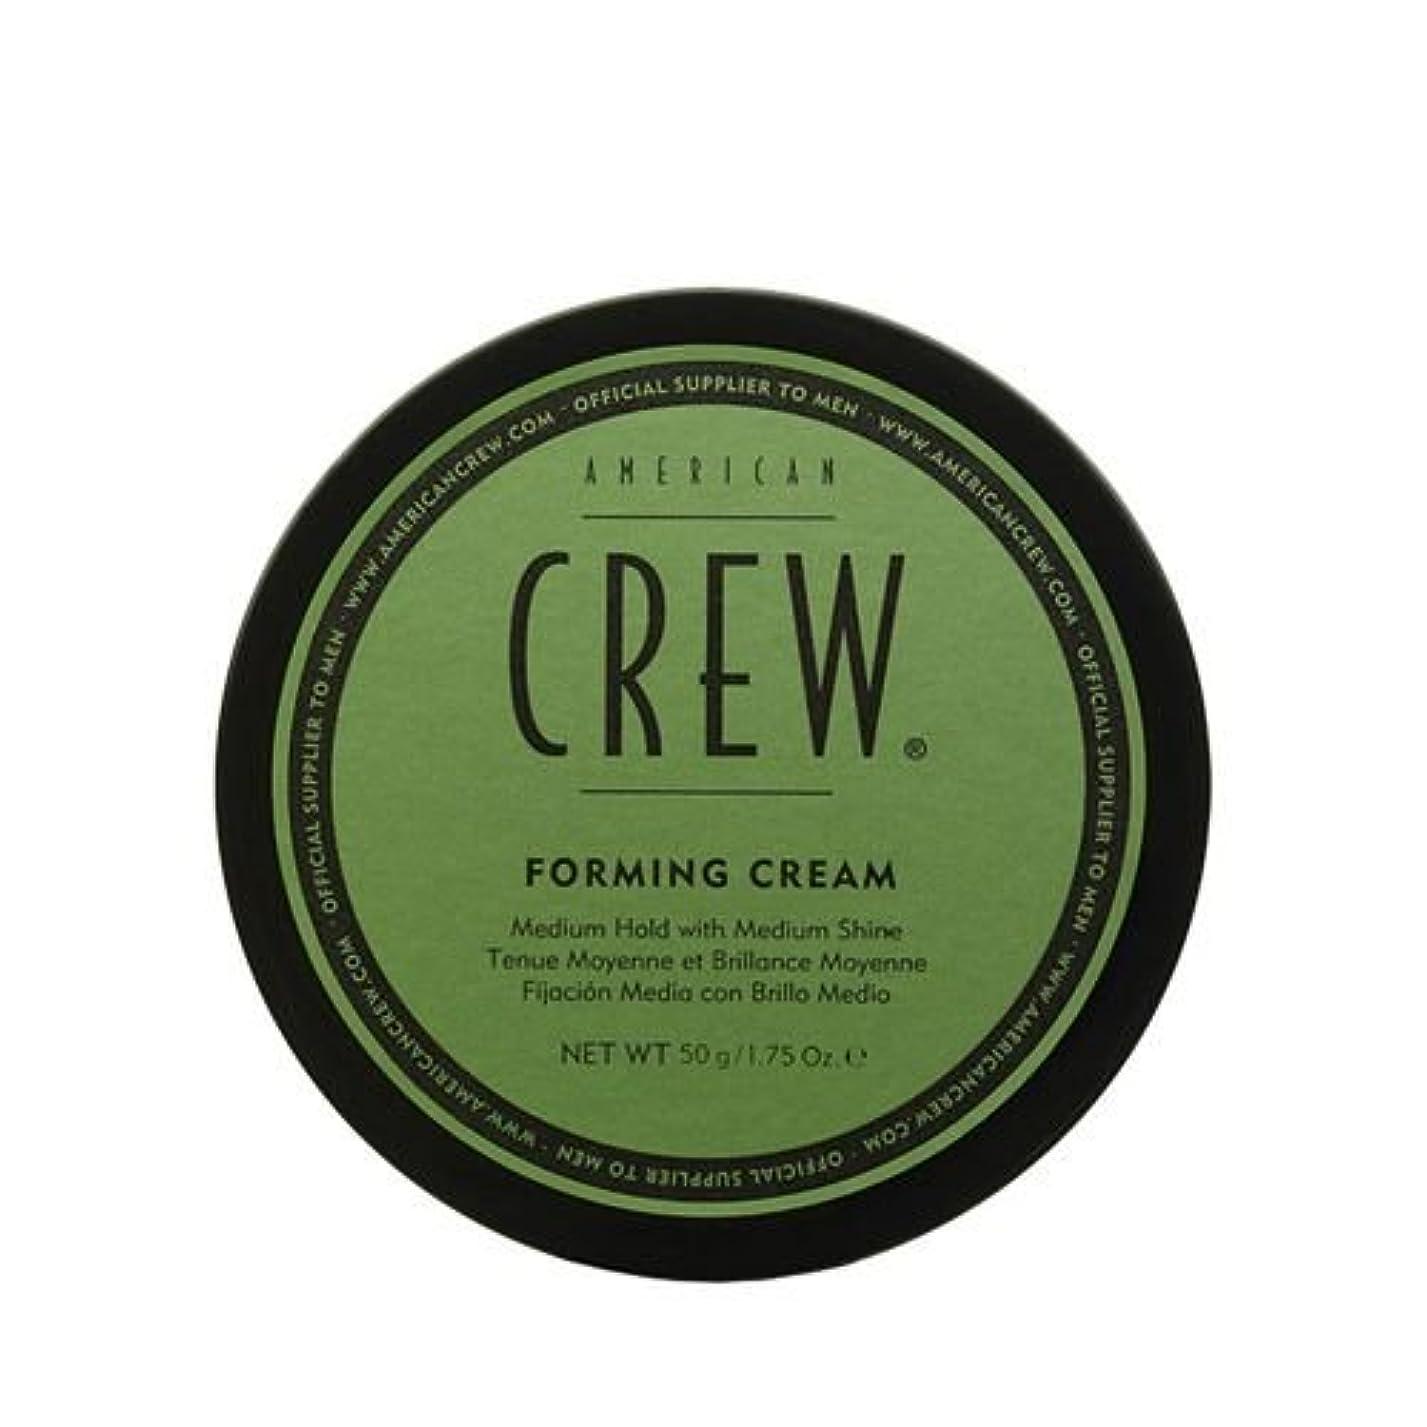 ロックスキニー秋アメリカン クルー フォーミングヘアクリーム American Crew Forming Cream 50g [並行輸入品]